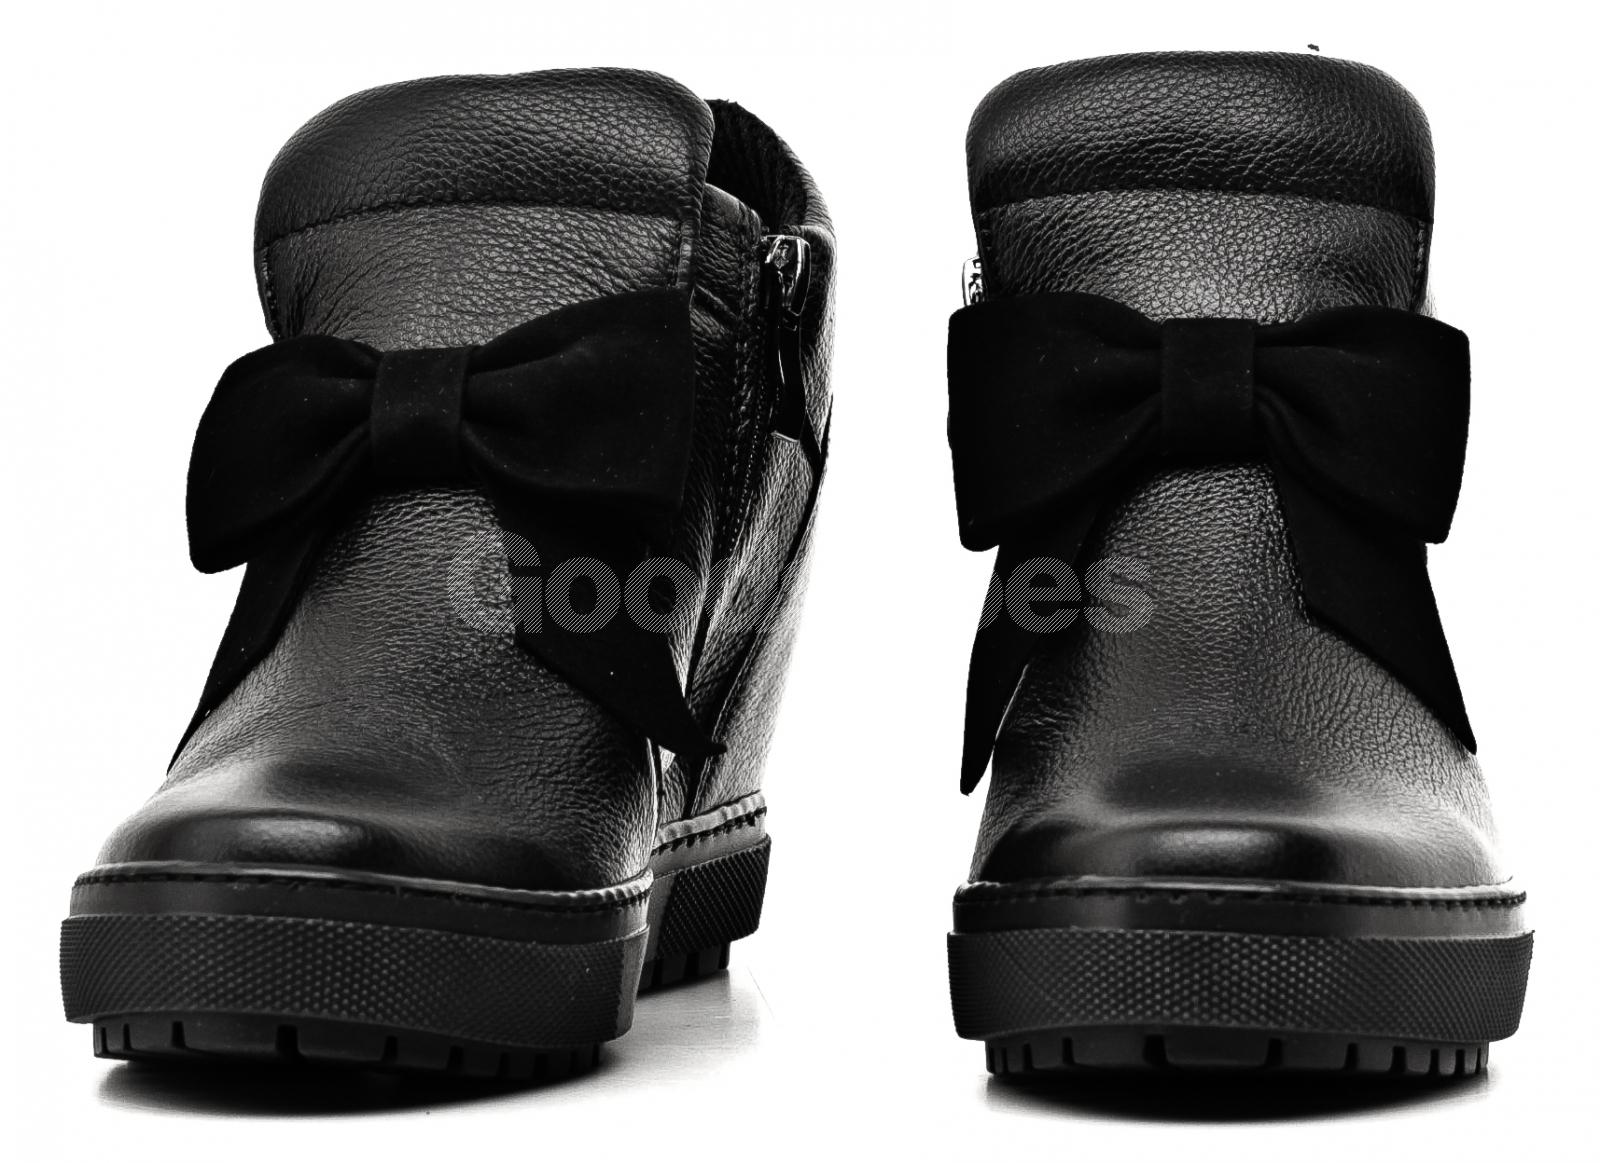 7692c101c4f88 ... Sneakersy Damskie Venezia Czarne Skórzane 04 1073I PEL NER